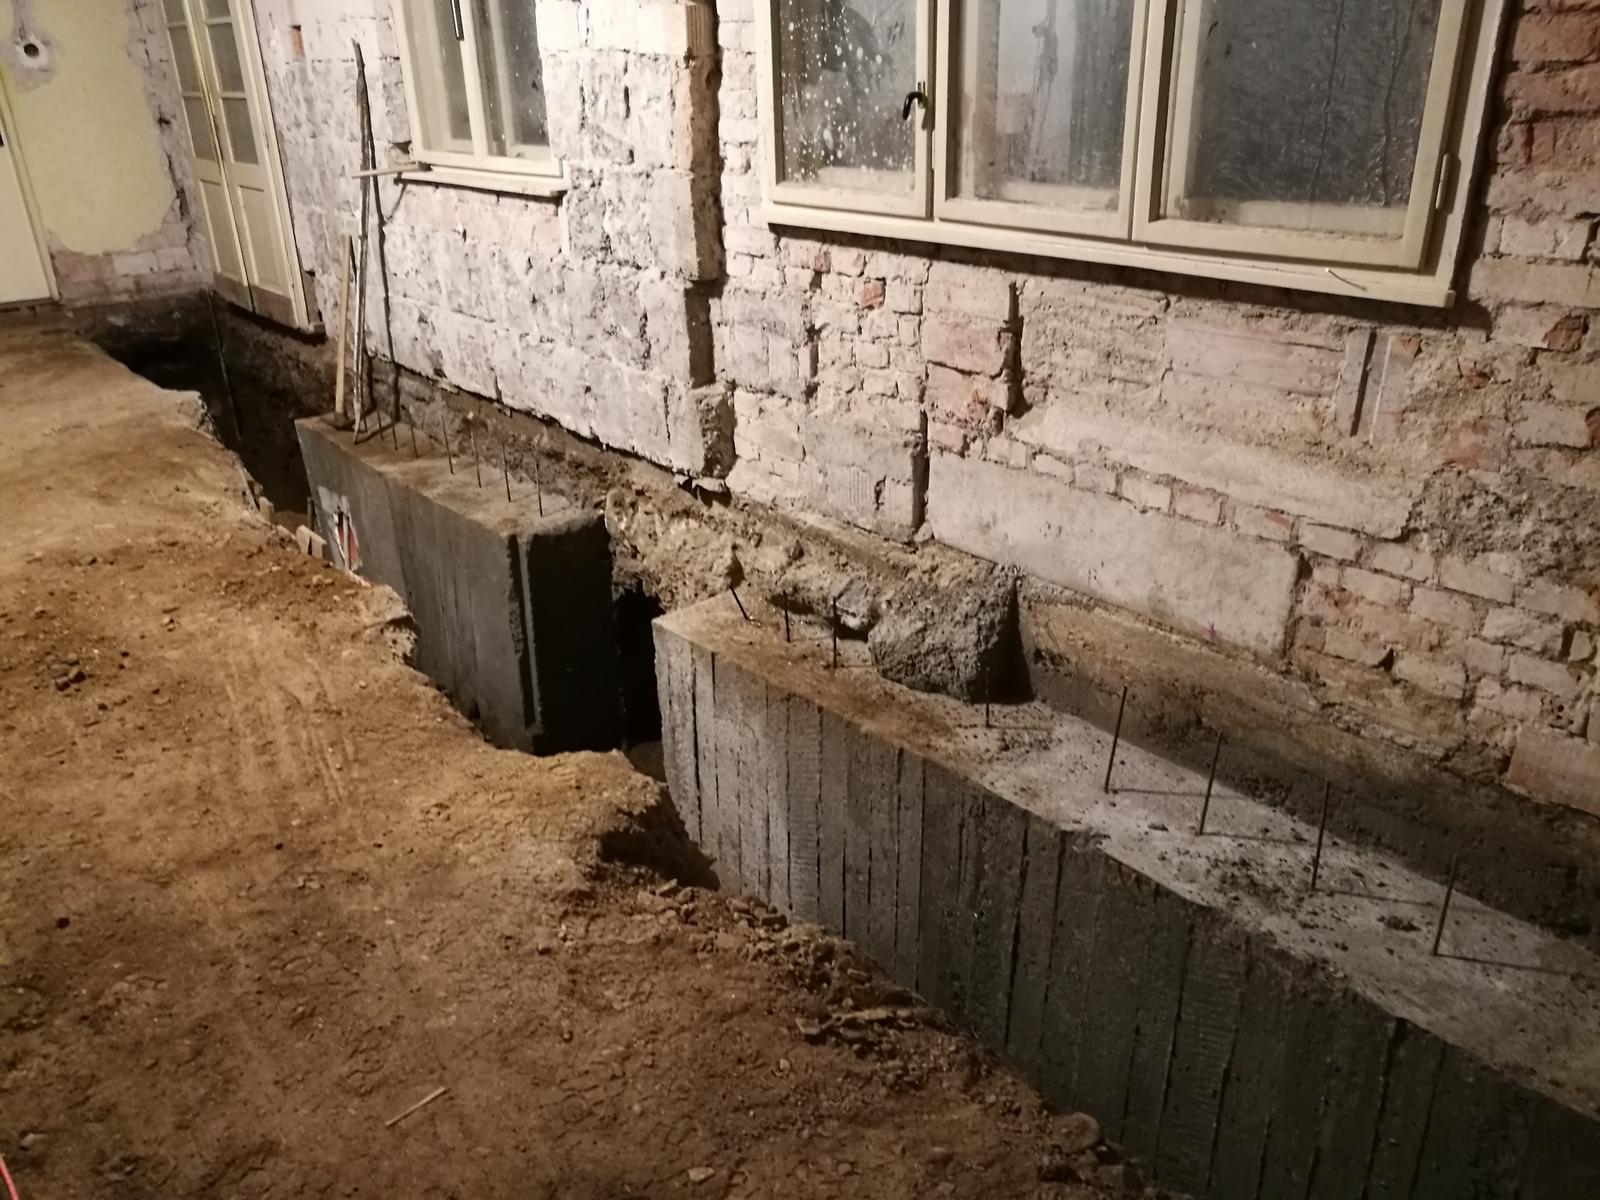 Náš budúci domov - rekonštrukcia rodinného domu - Pokračujeme... už aby to bolo